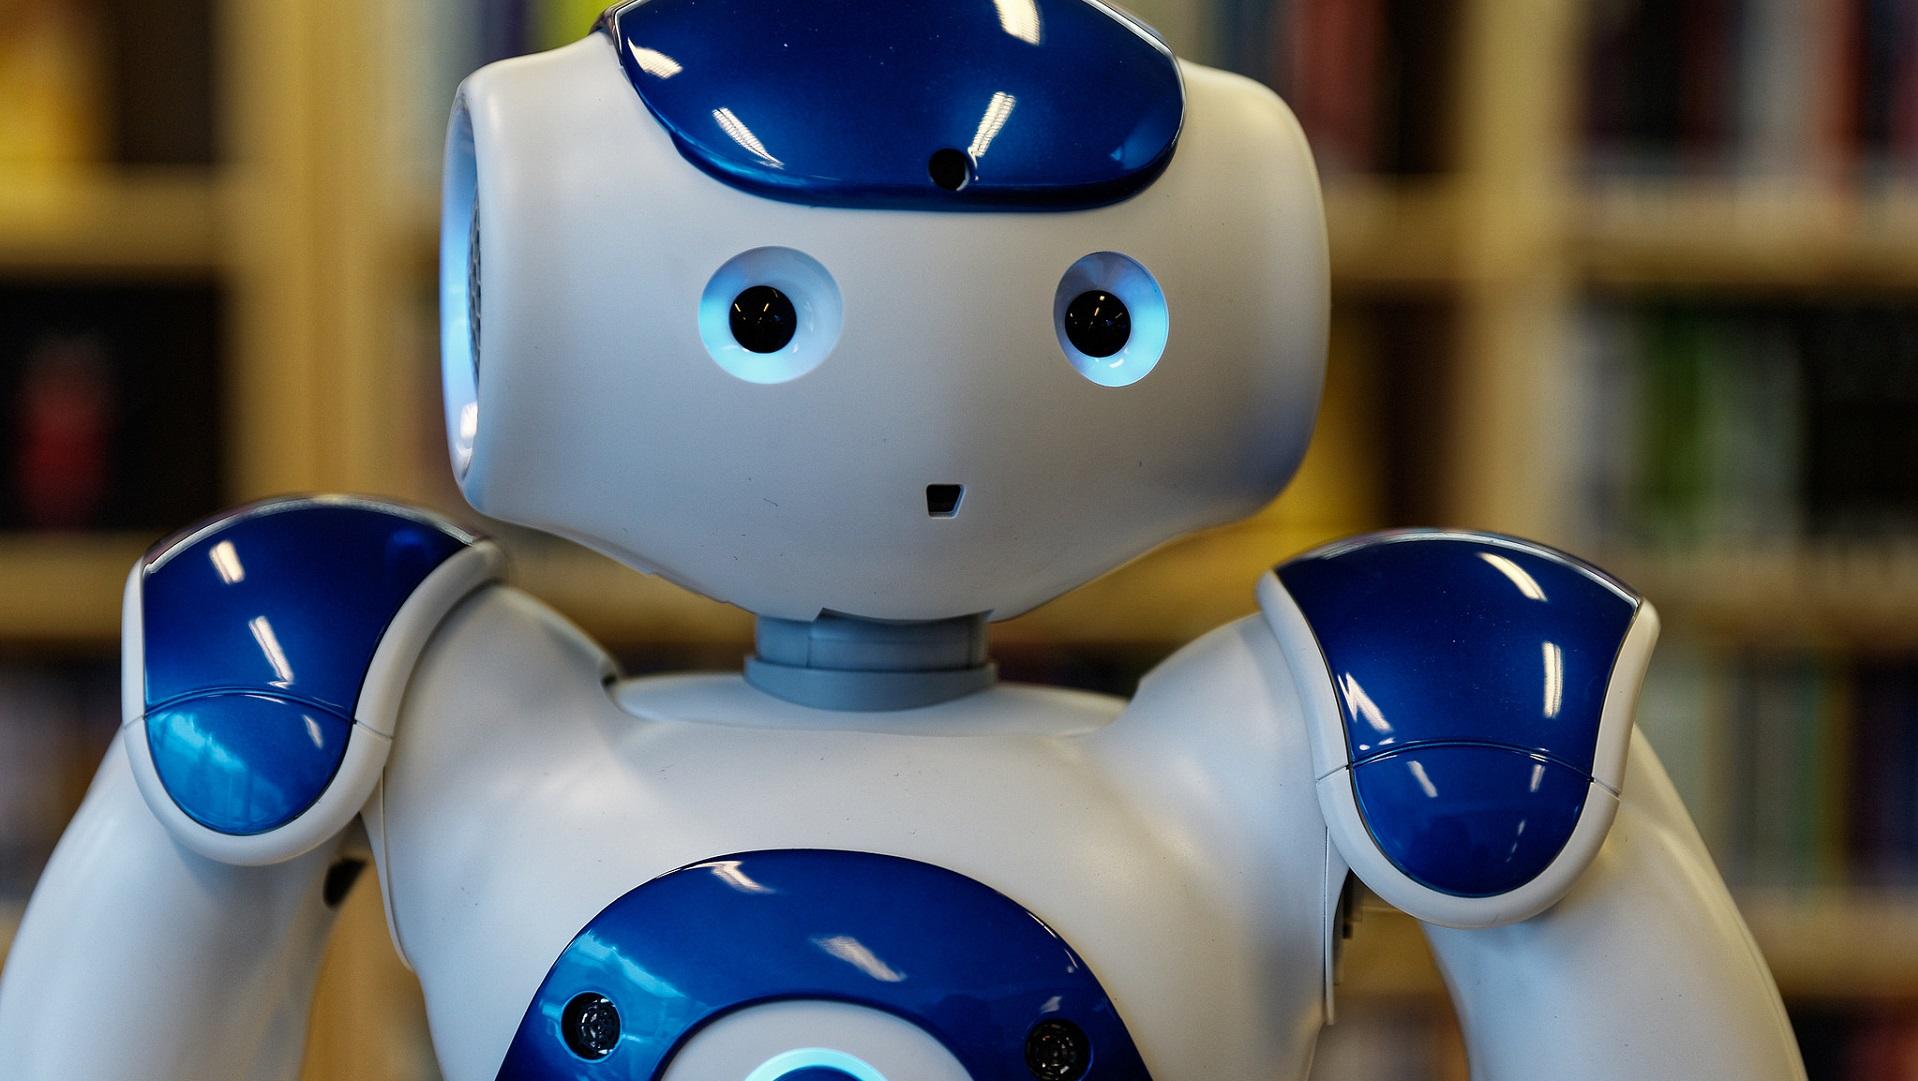 Hacia una inteligencia artificial general de la mano de DeepMind